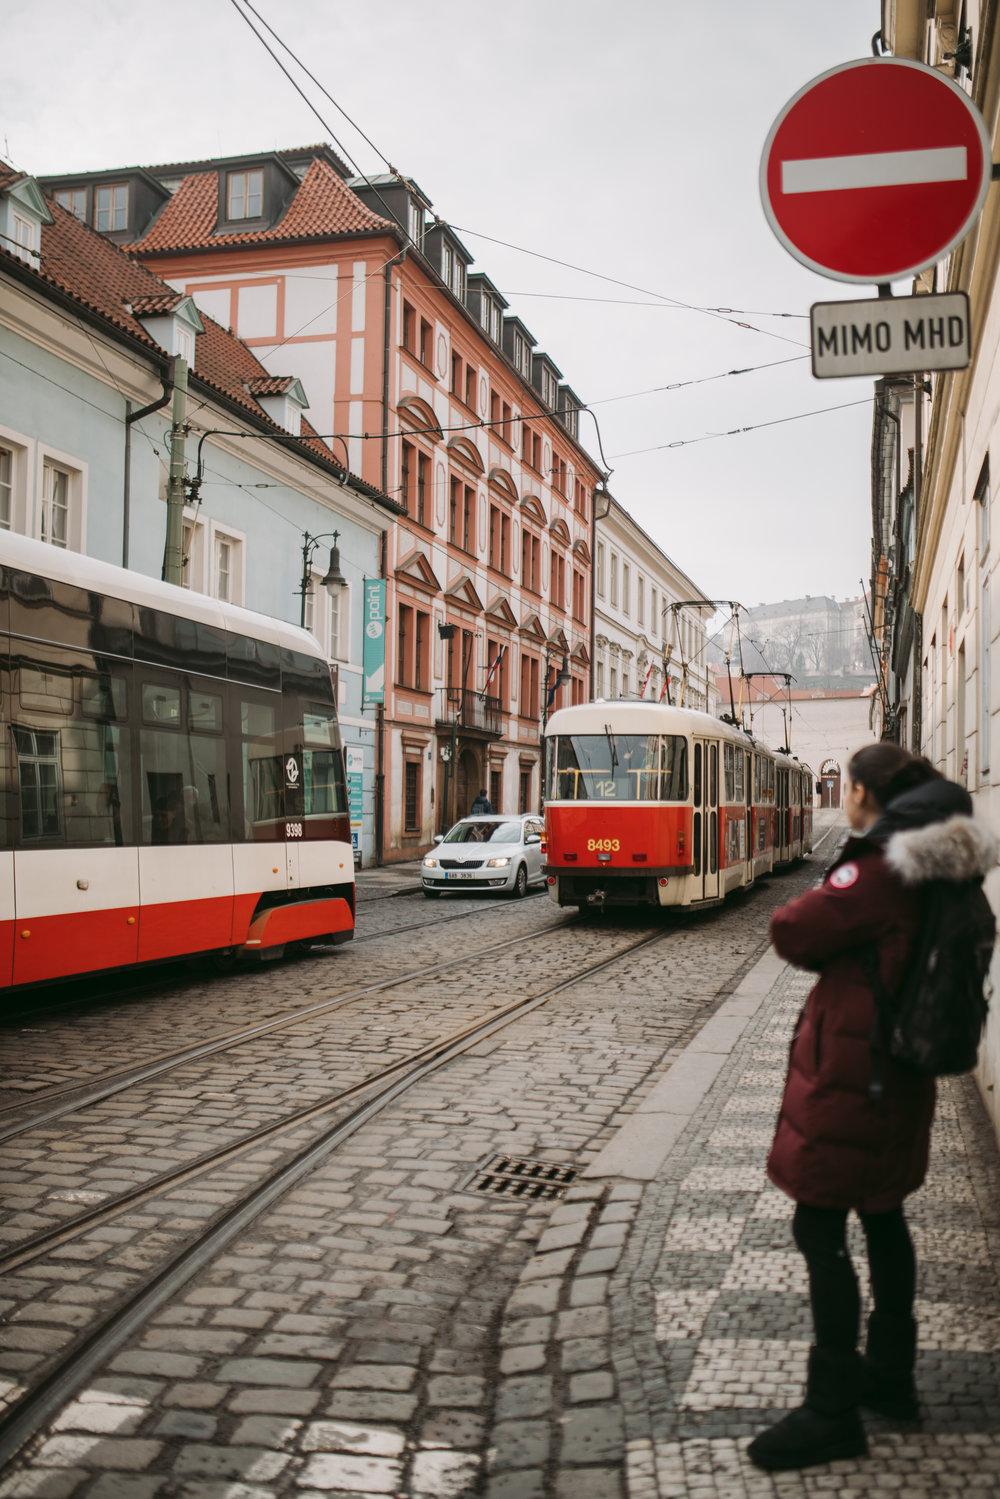 2018-3-7 Prague 153.jpg